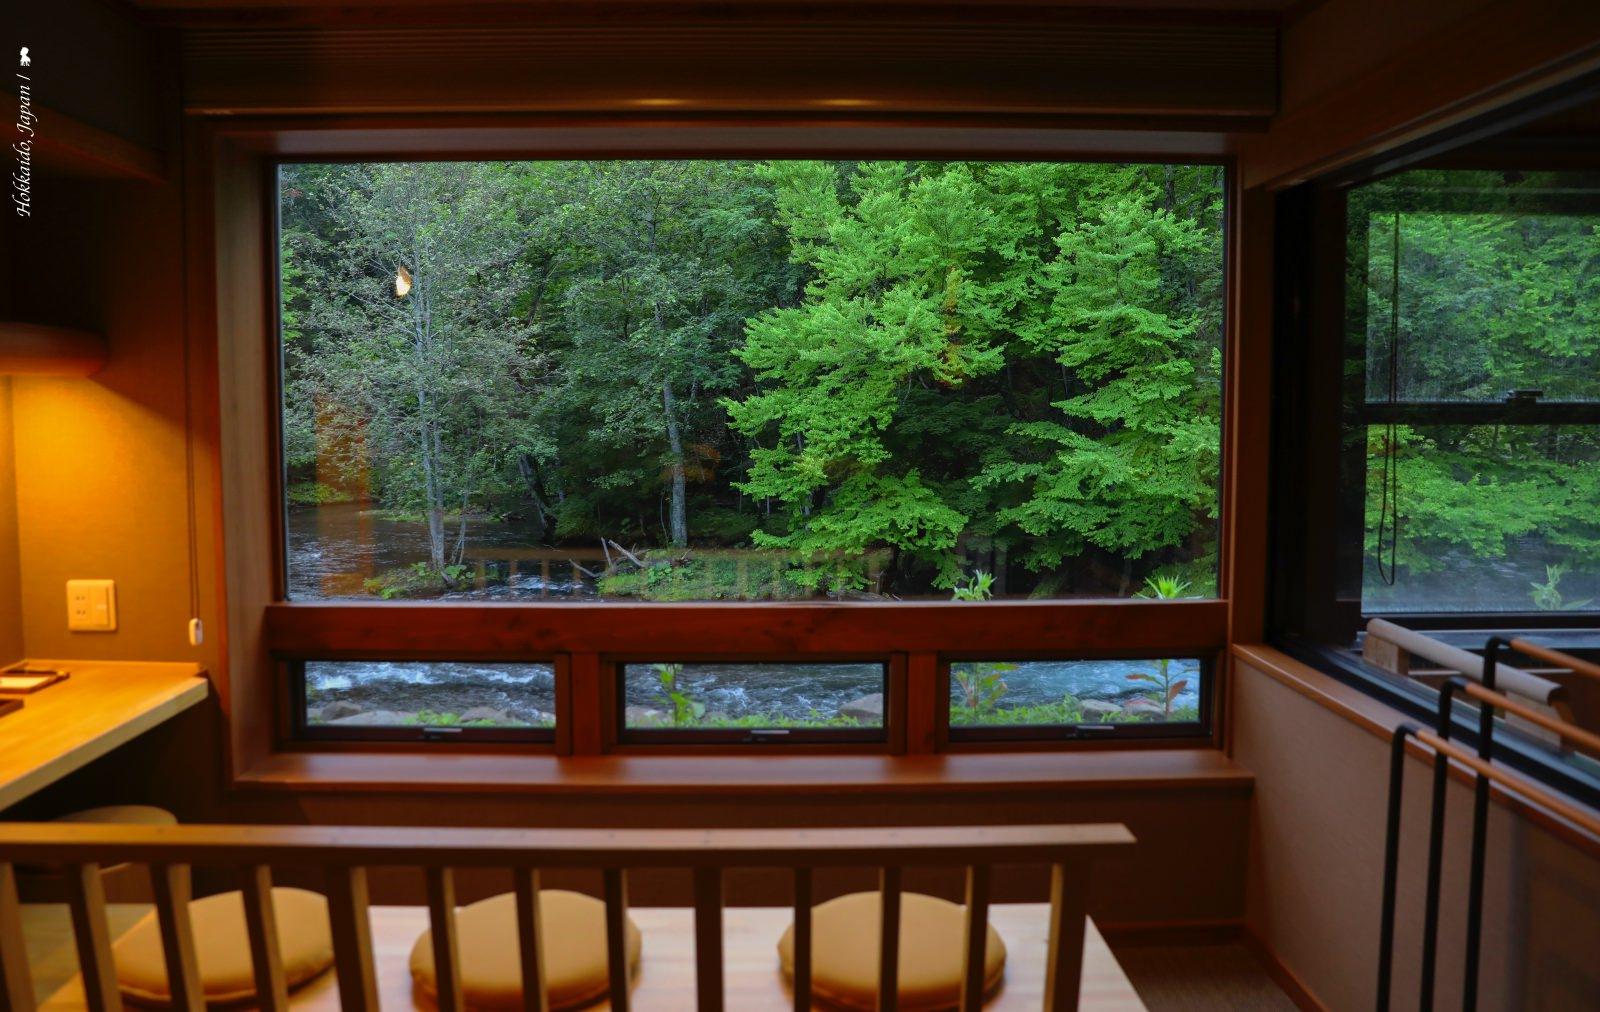 阿寒湖的秘境溫泉旅館:LA VISTA 阿寒川,手磨一段飄香的北海道旅宿時光